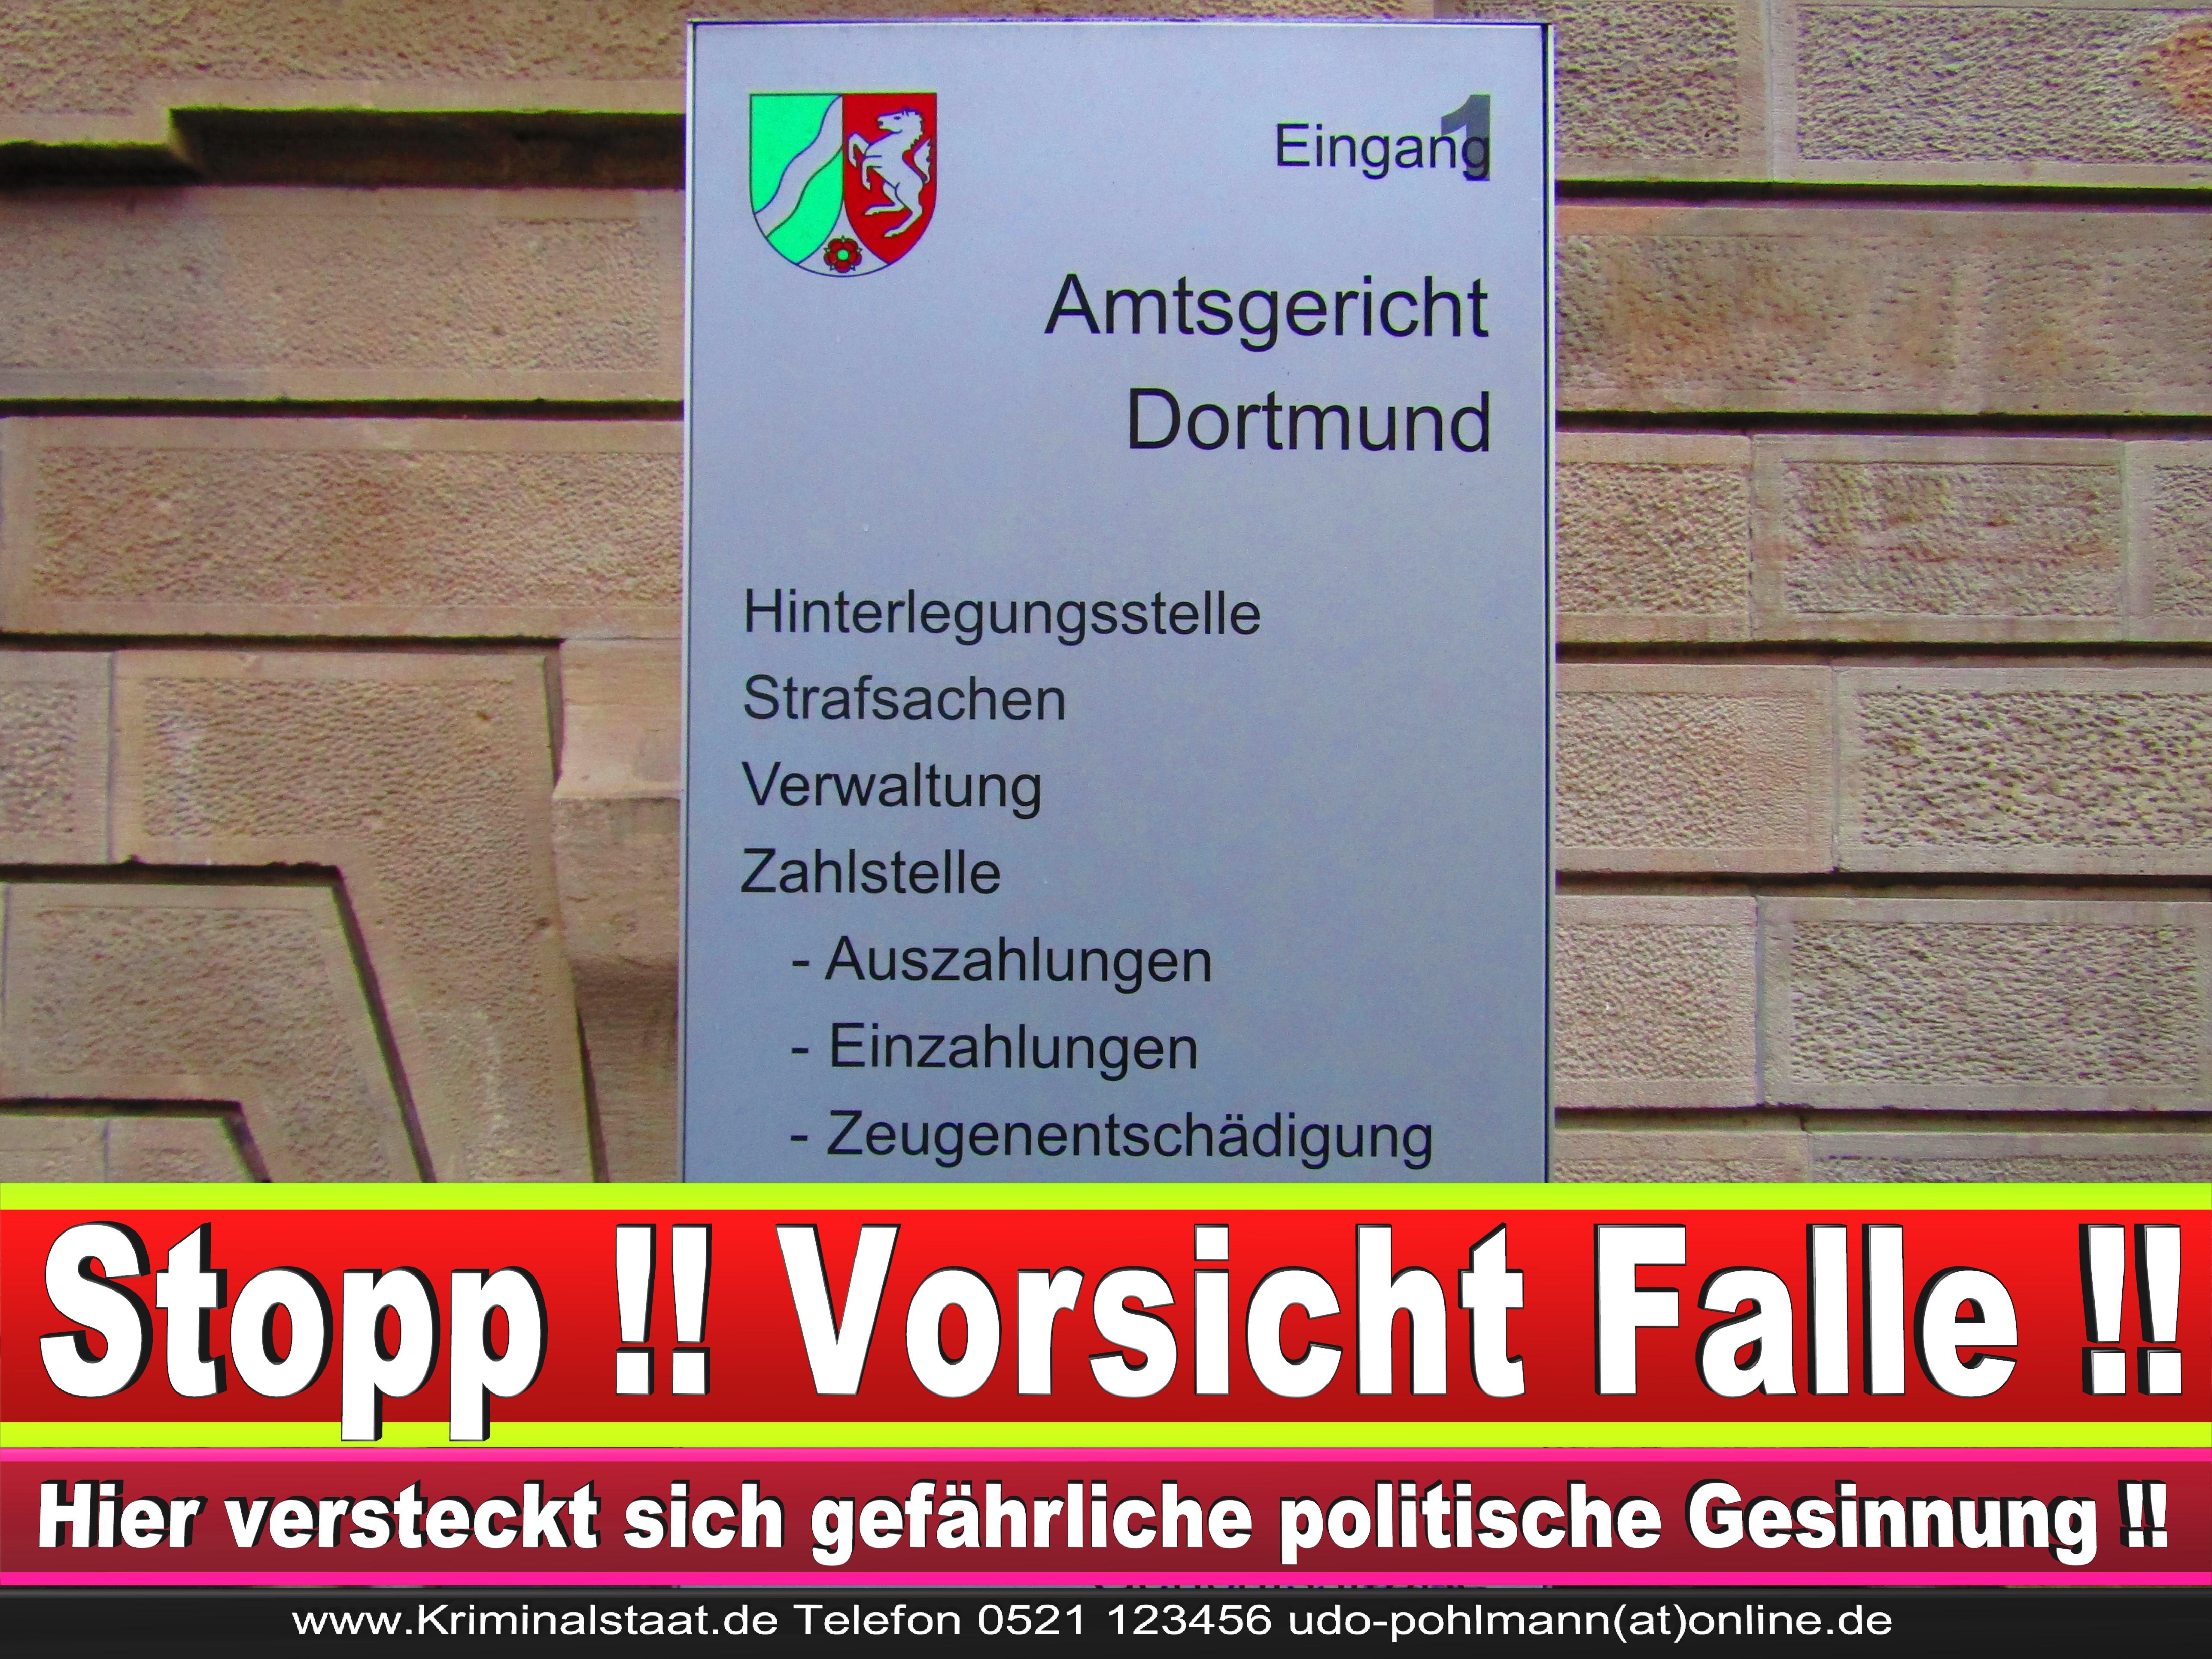 AMTSGERICHT DORTMUND RICHTER AUSBILDUNG PRAKTIKUM ANFAHRT URTEILE KORRUPTION POLIZEI ADRESSE DIREKTOR (6) 1 1